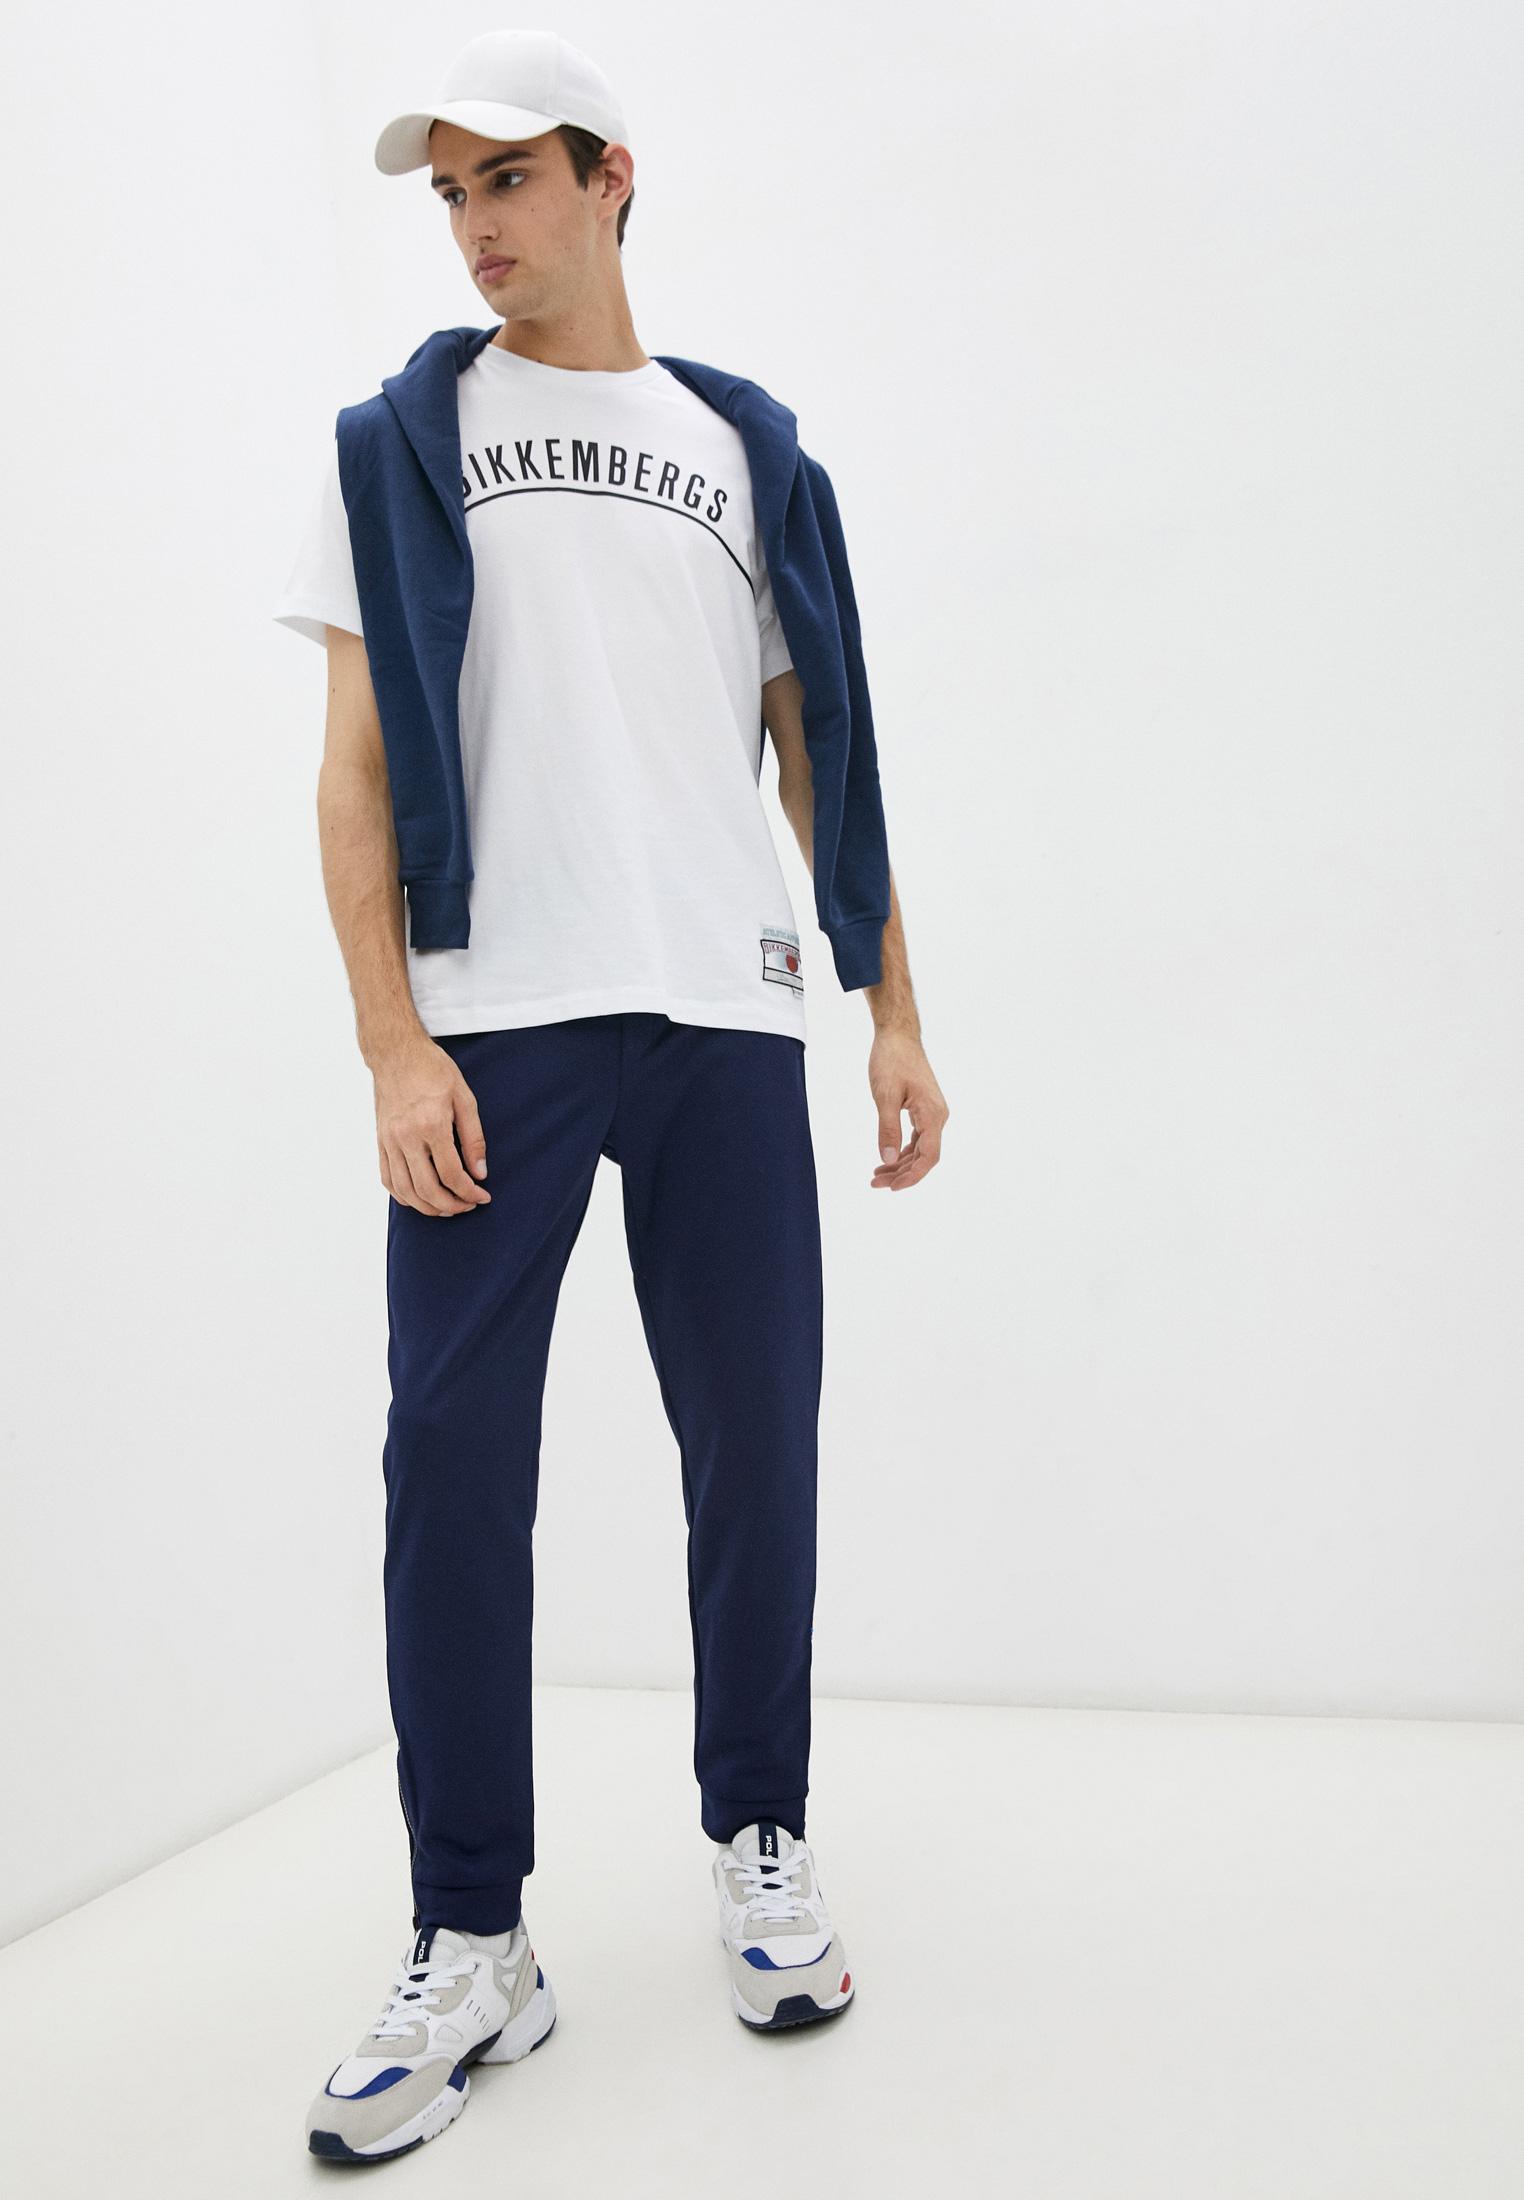 Мужские повседневные брюки Bikkembergs (Биккембергс) C 1 025 01 M 3816: изображение 3